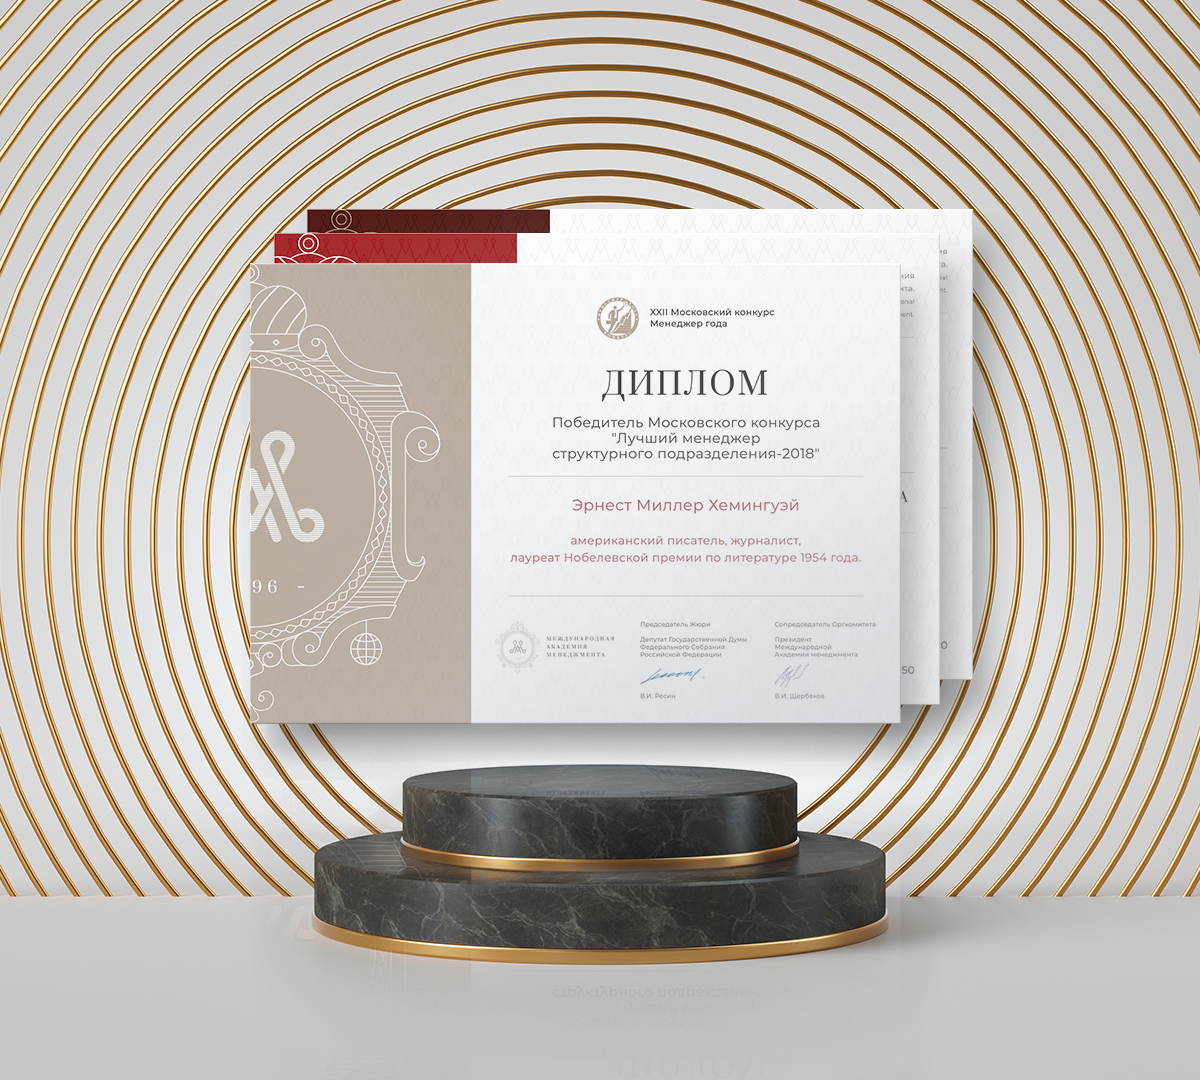 Российский конкурс Менеджер года - для членов Международной Академии менеджмента